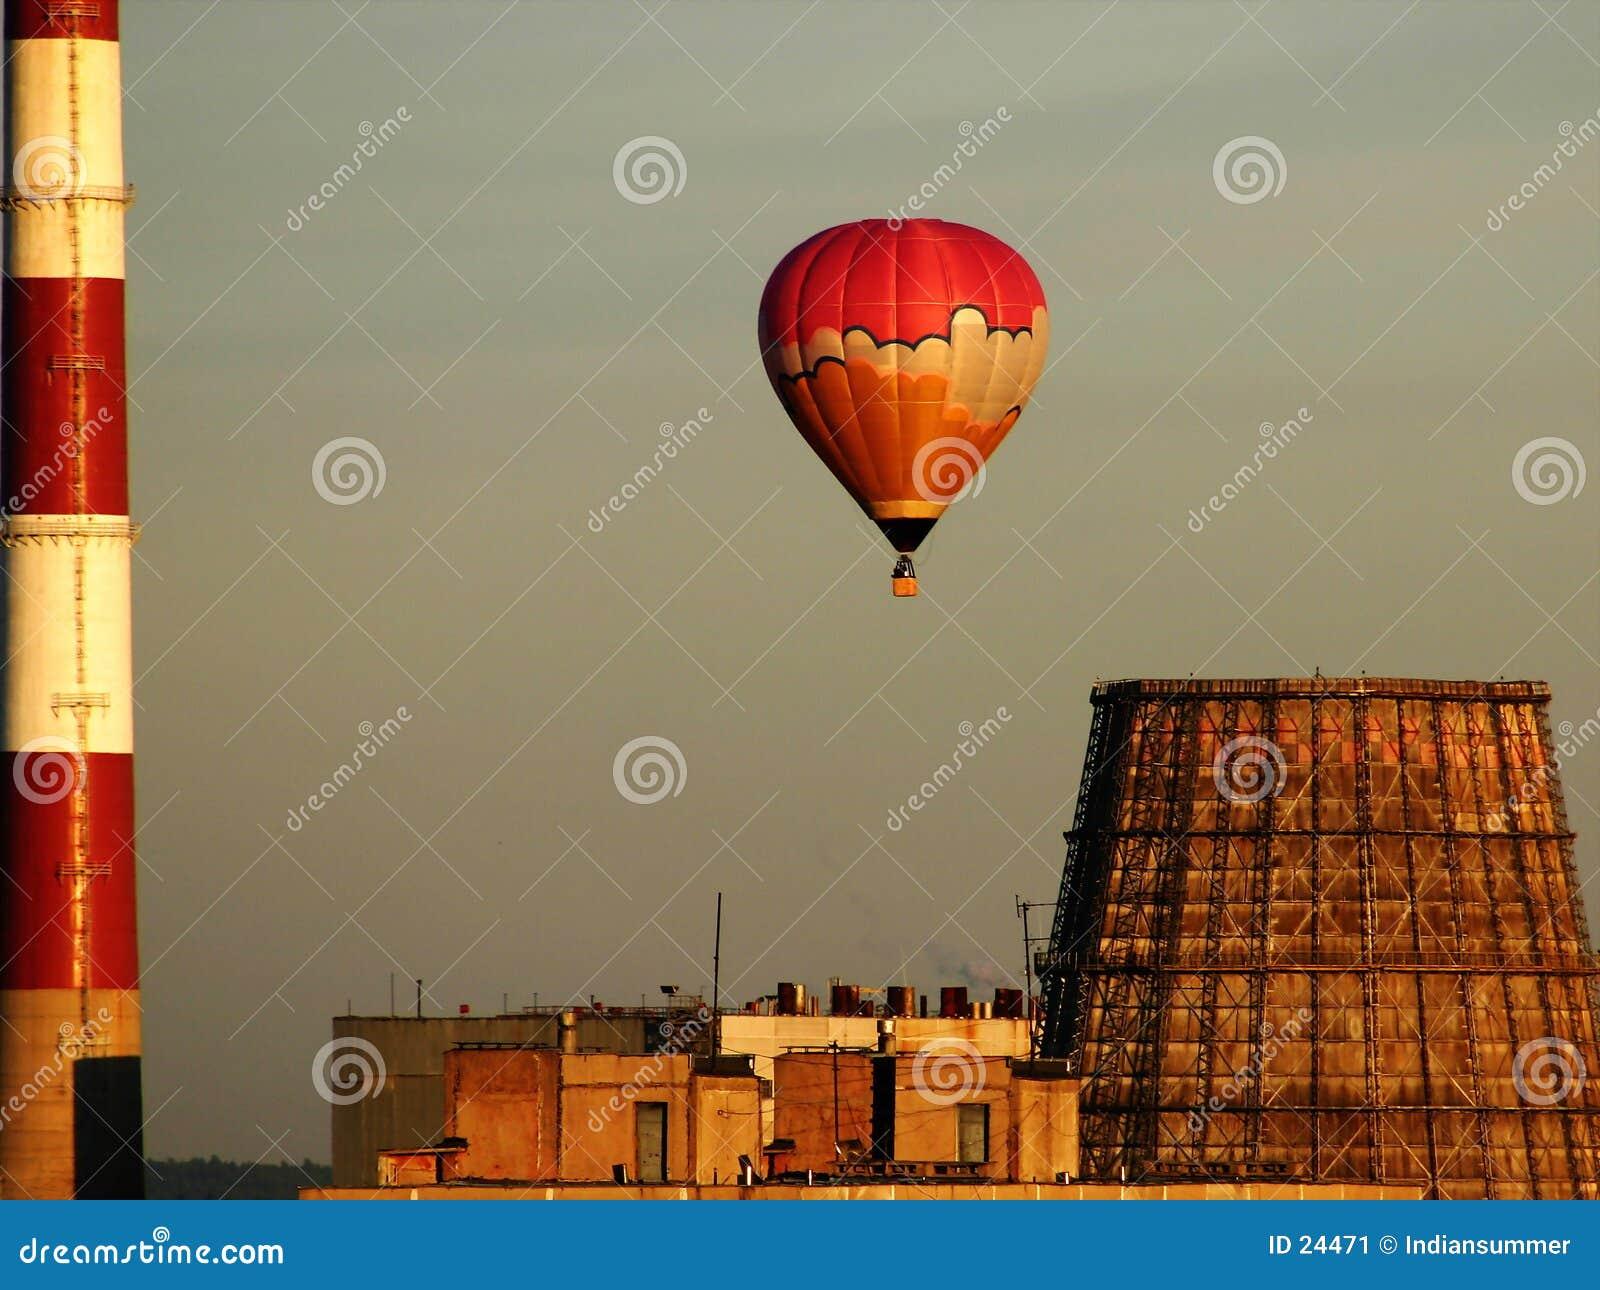 Balon powietrza w fabryce zbyt gorąco